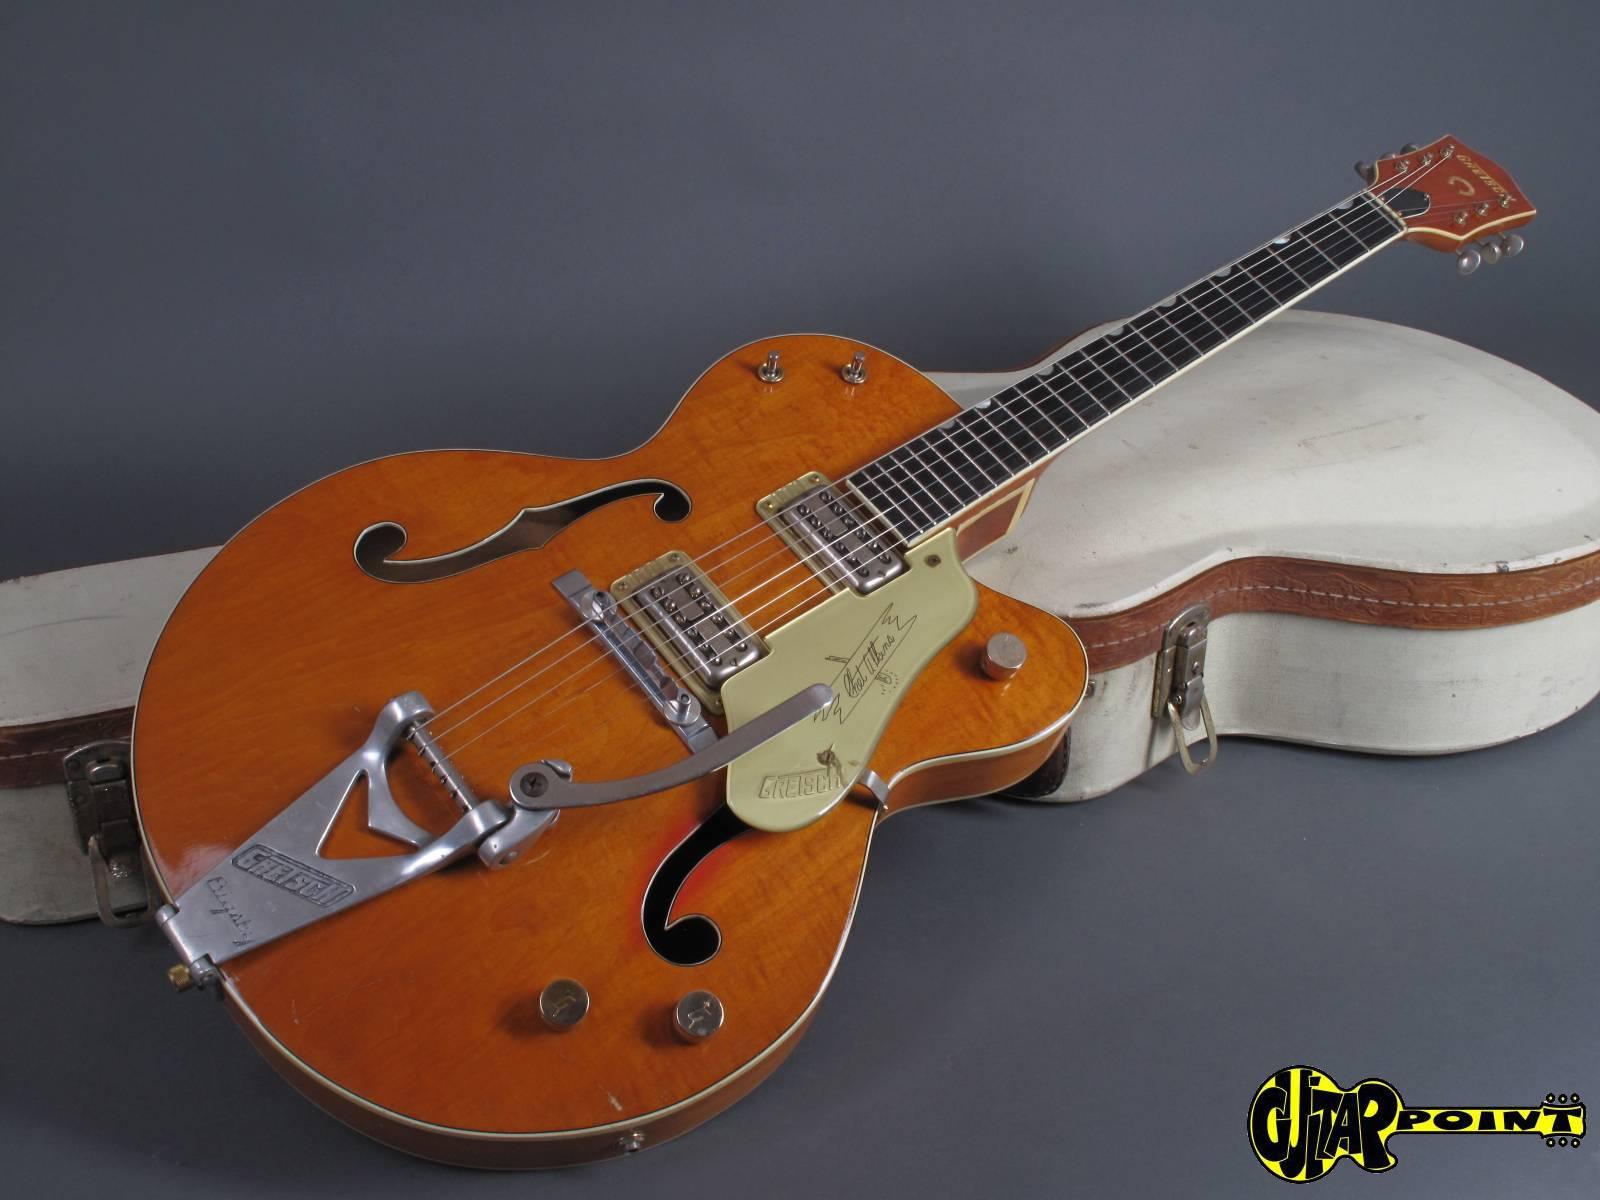 gretsch 6120 chet atkins 1961 orange guitar for sale guitarpoint. Black Bedroom Furniture Sets. Home Design Ideas